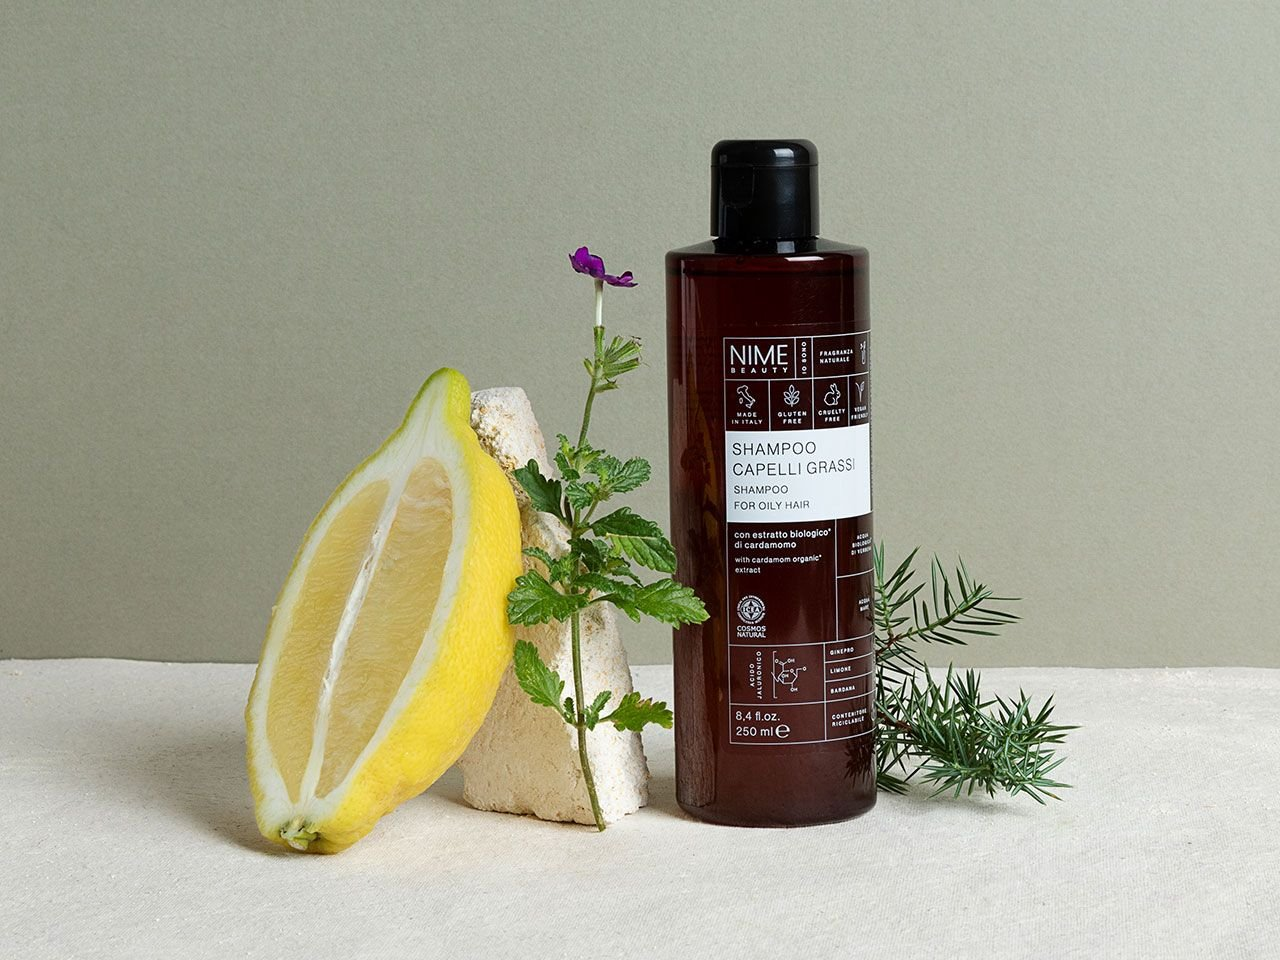 Shampoo Capelli Grassi con estratto biologico di cardamomo - v1